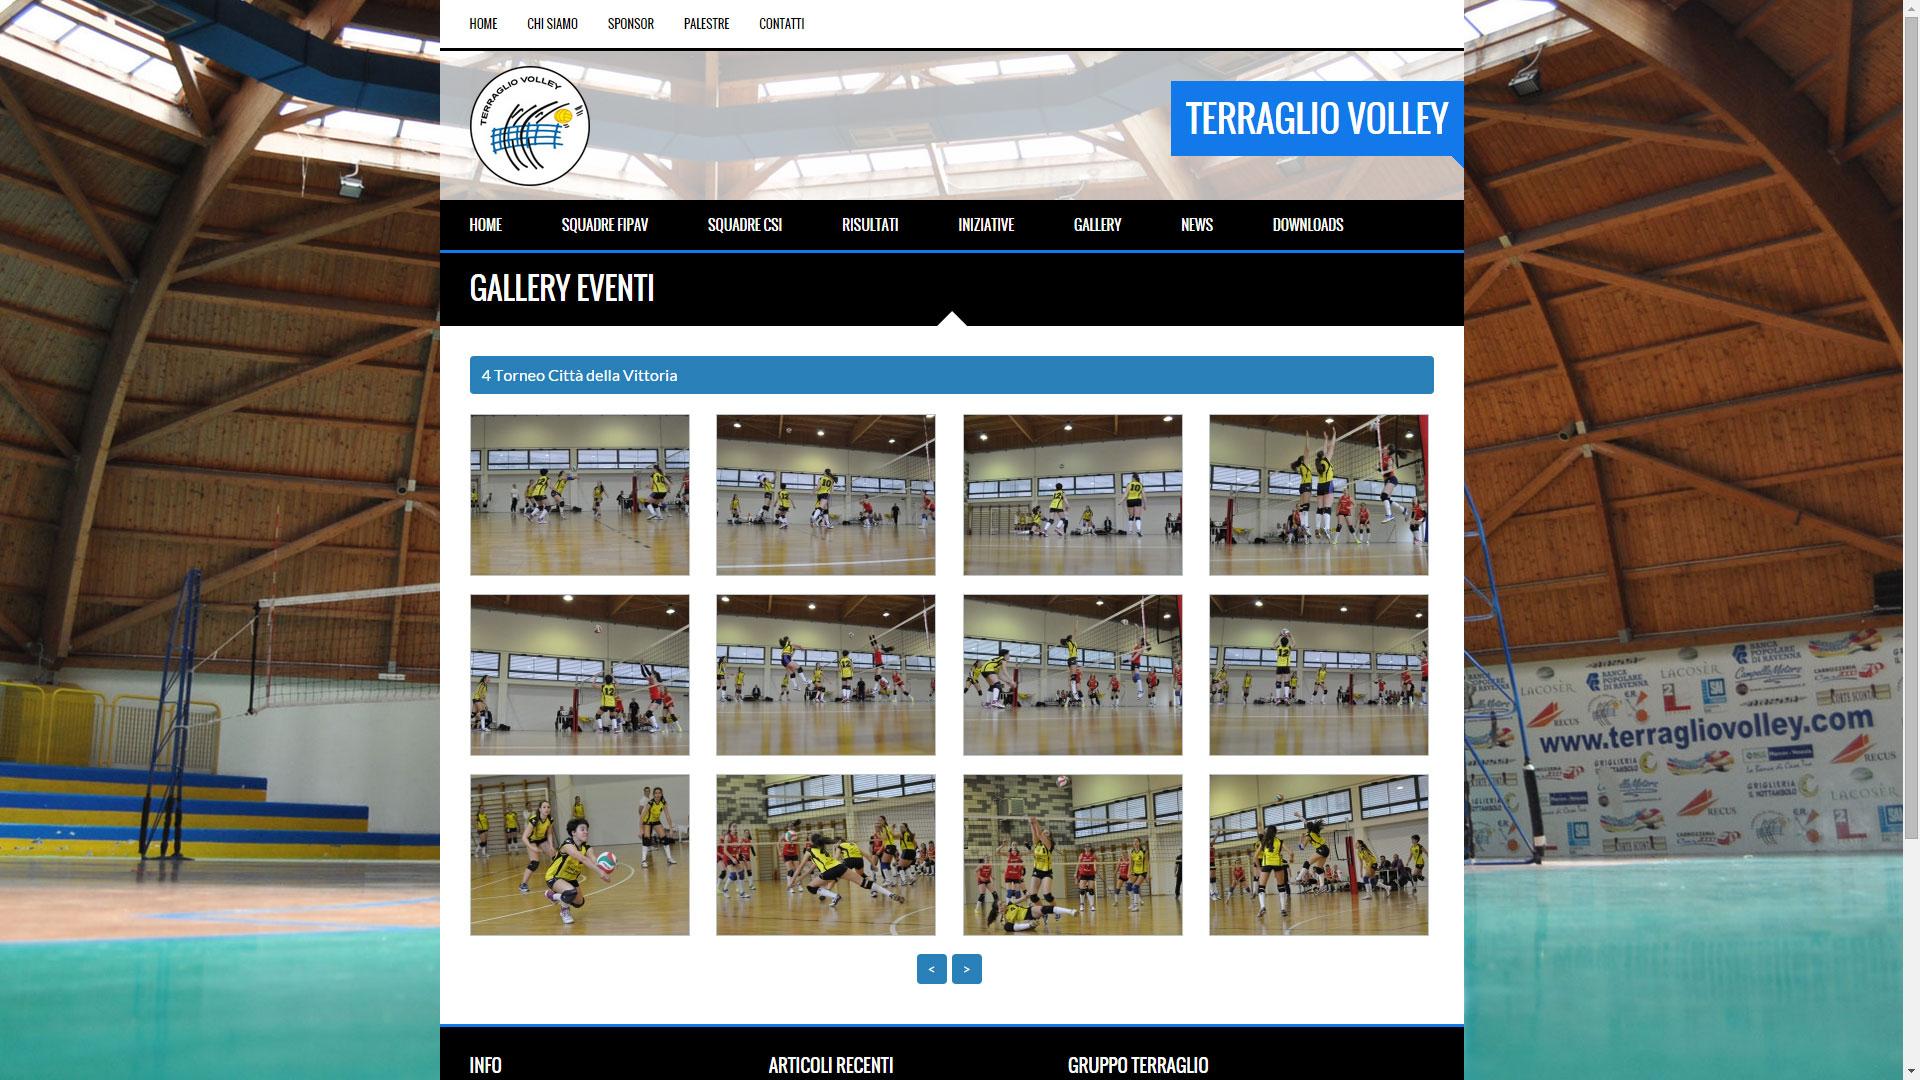 Terraglio volley flare design for Valotti arredamenti